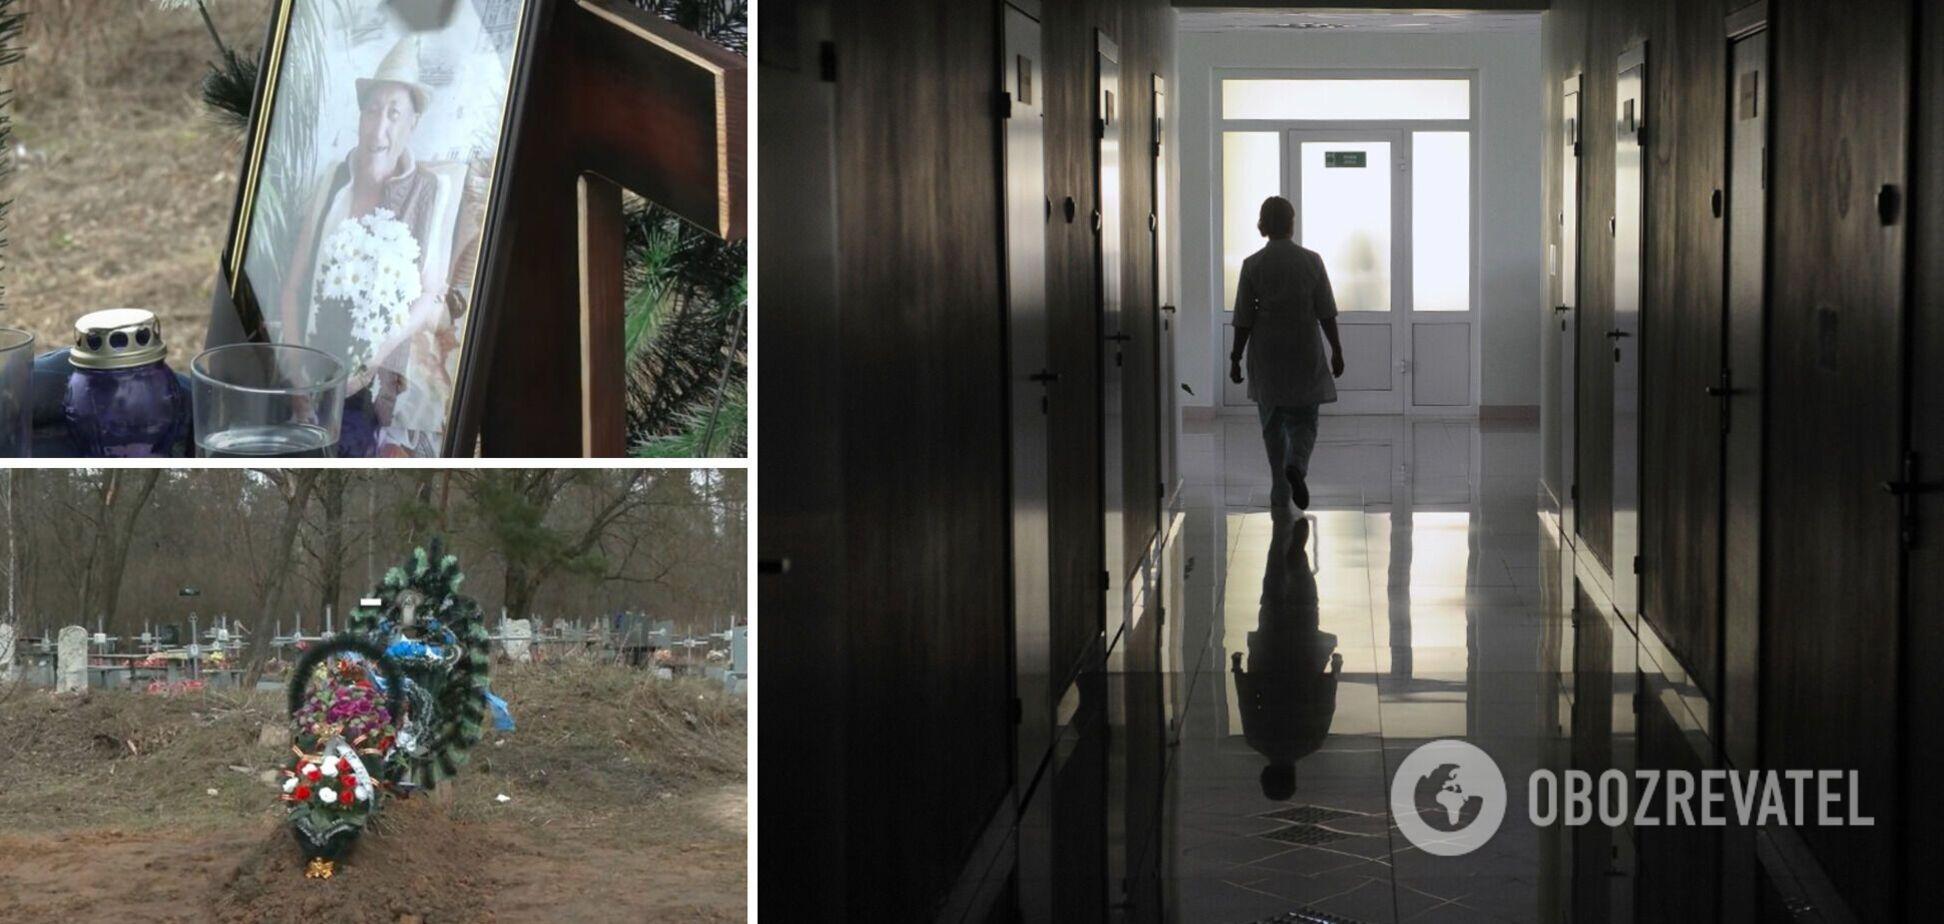 На Харьковщине в морге перепутали тела: подмену обнаружили на кладбище